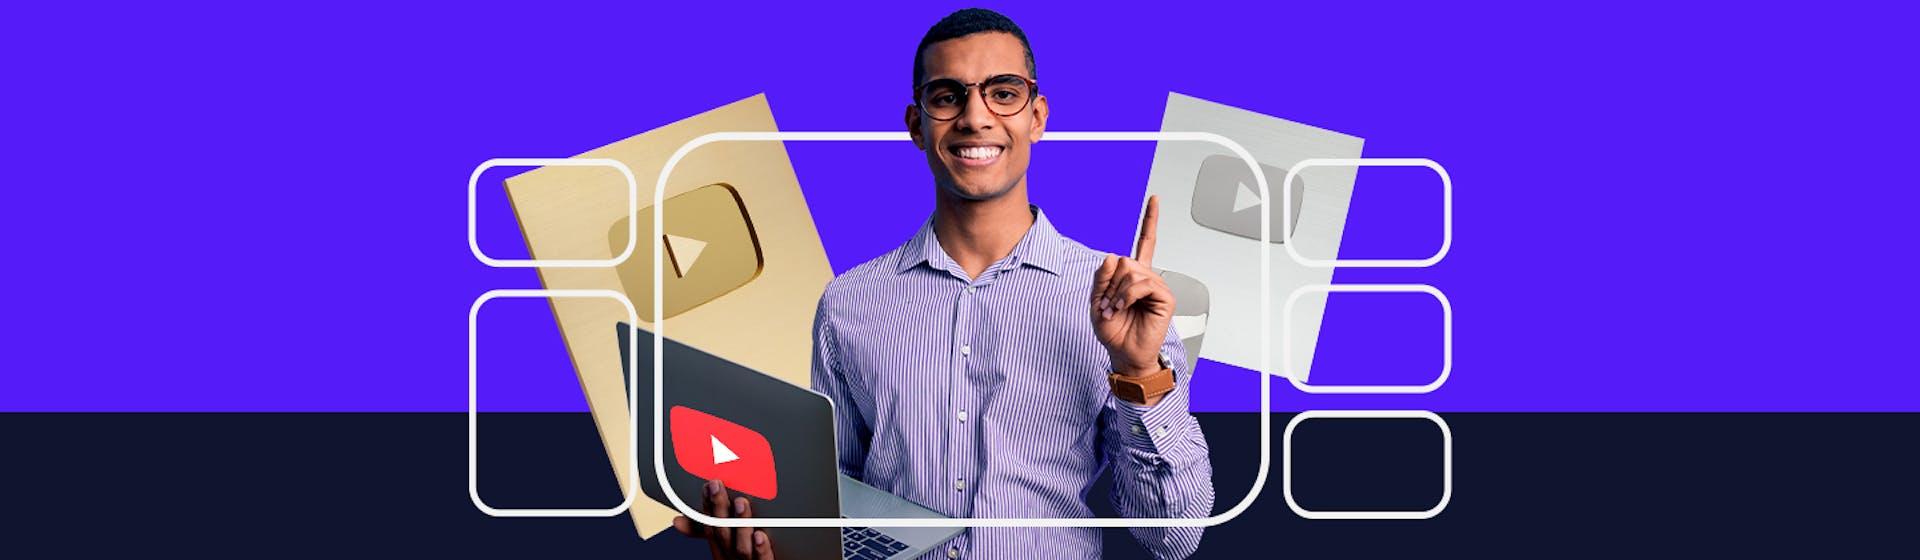 Conoce las características de un youtuber y consigue tu primera placa de YouTube este 2021